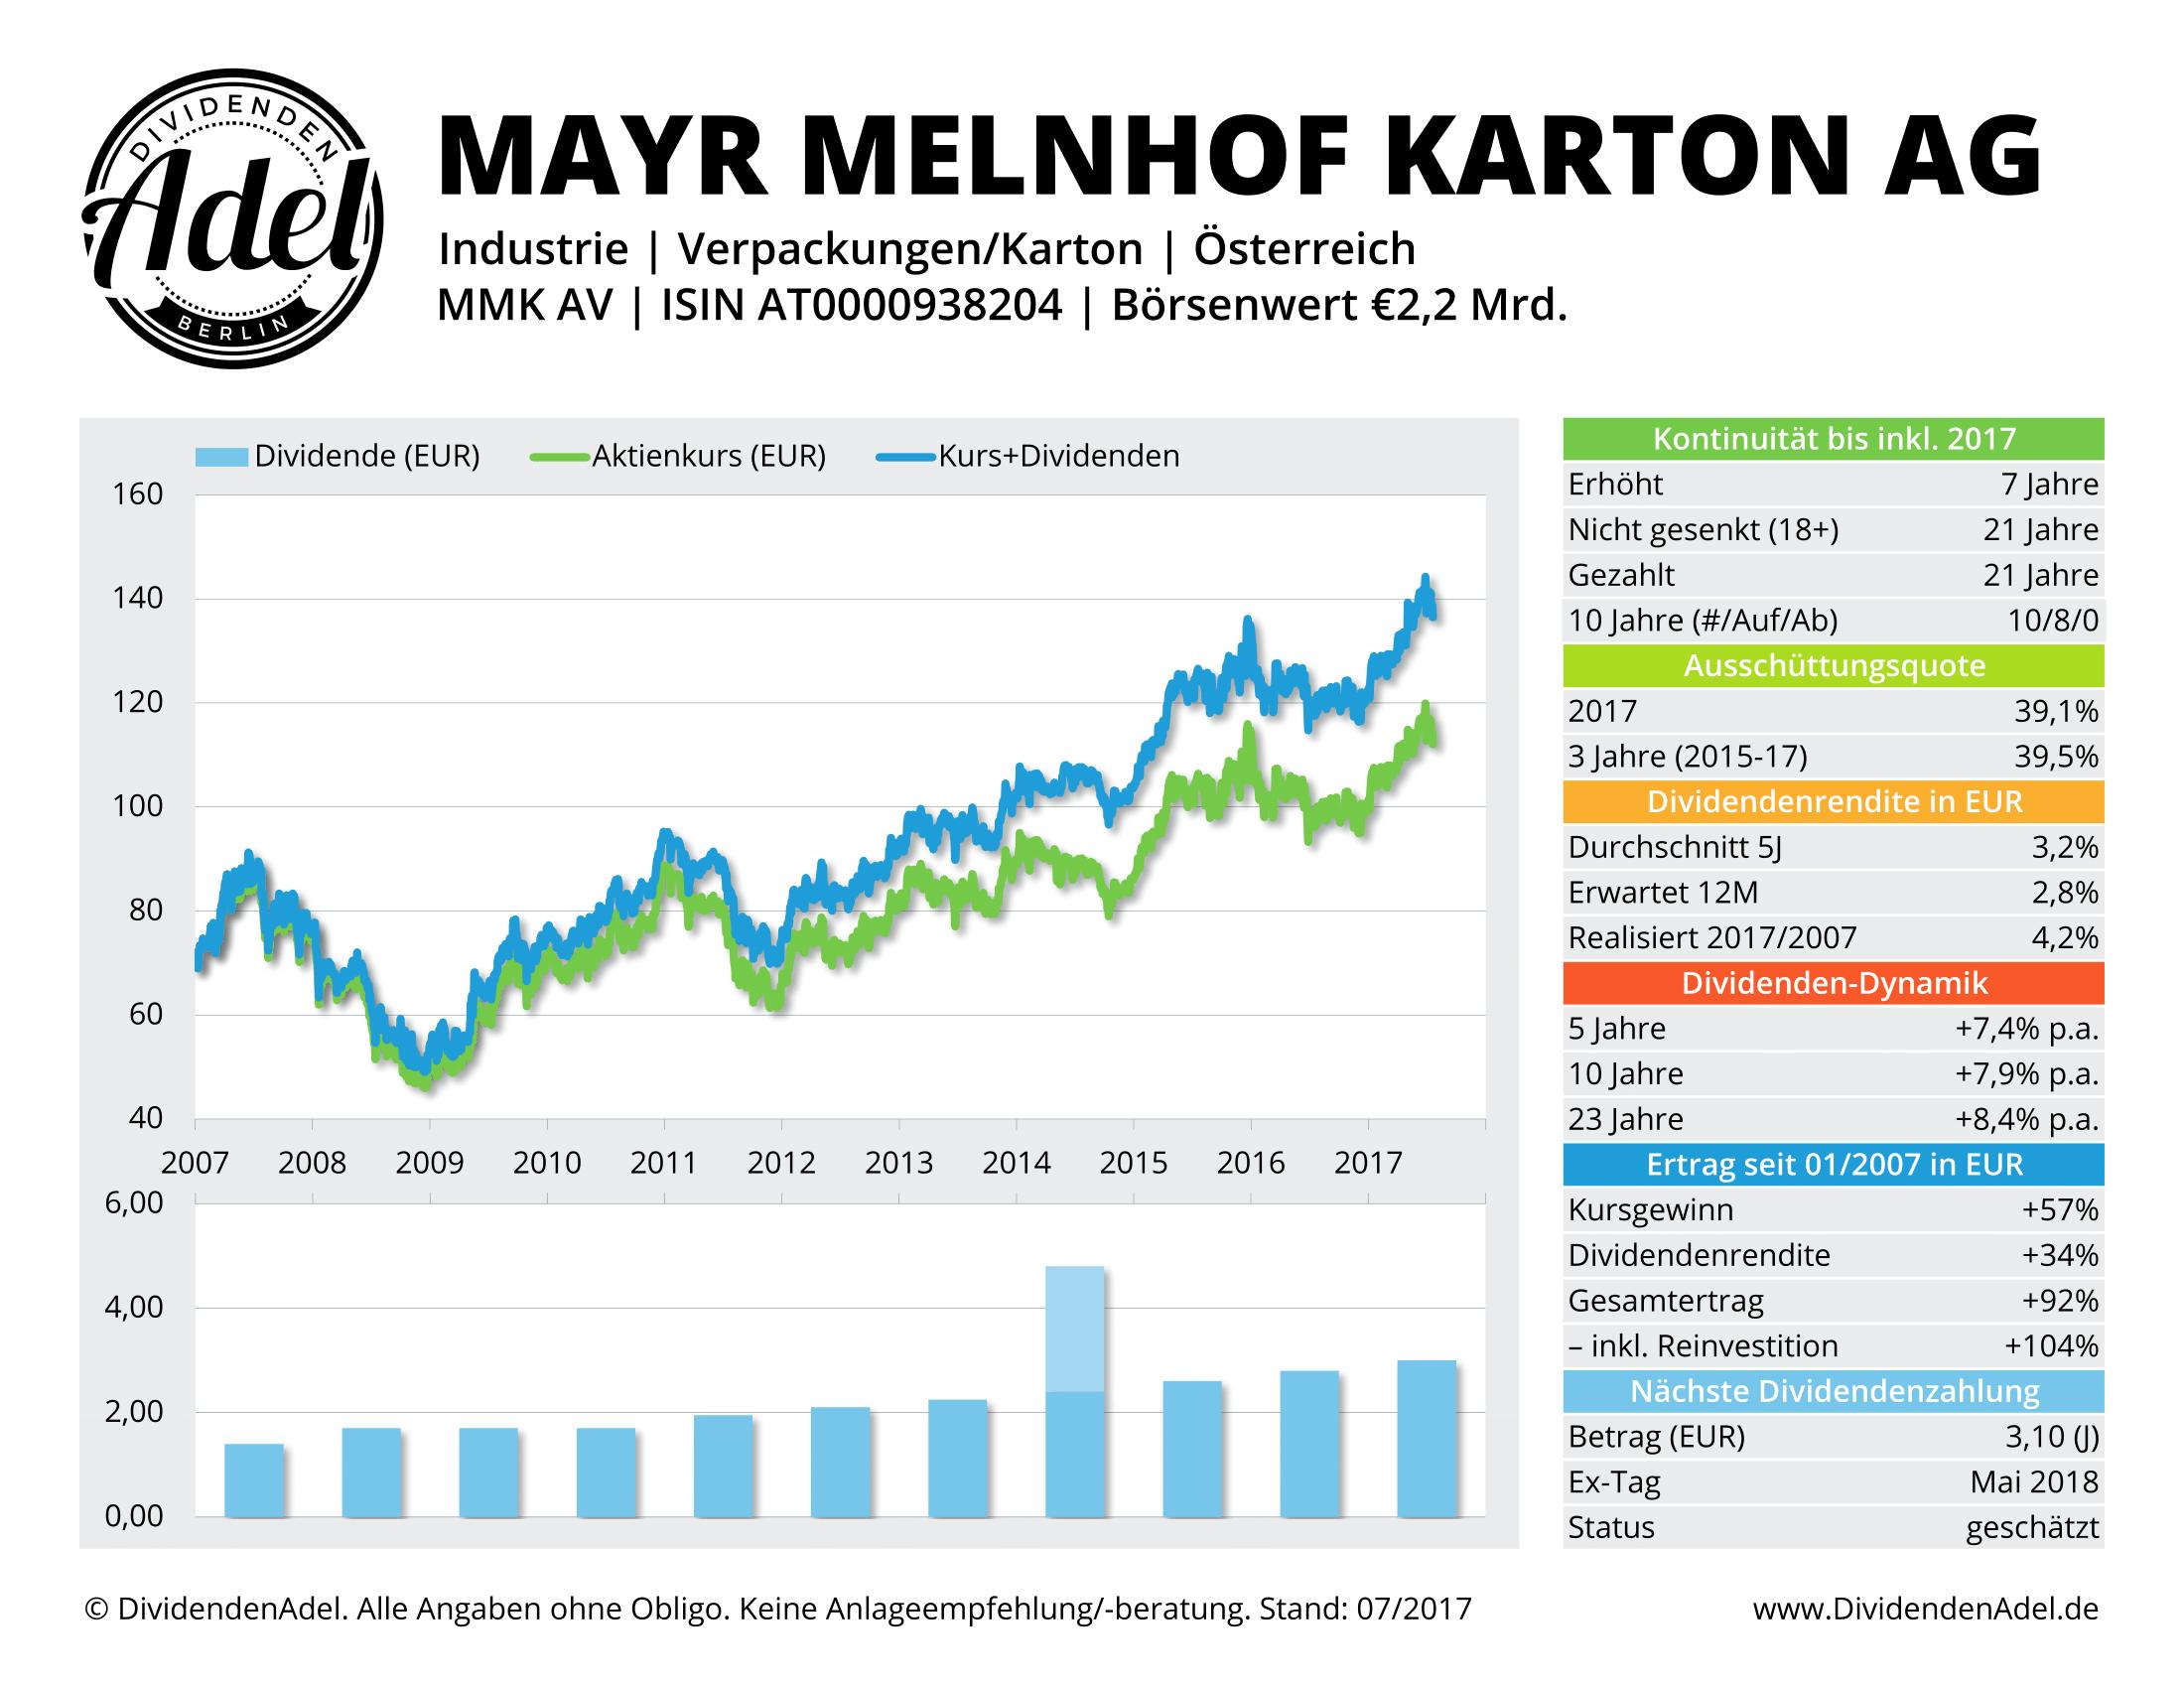 MAYR-MELNHOF KAR DividendenAdel-Profil